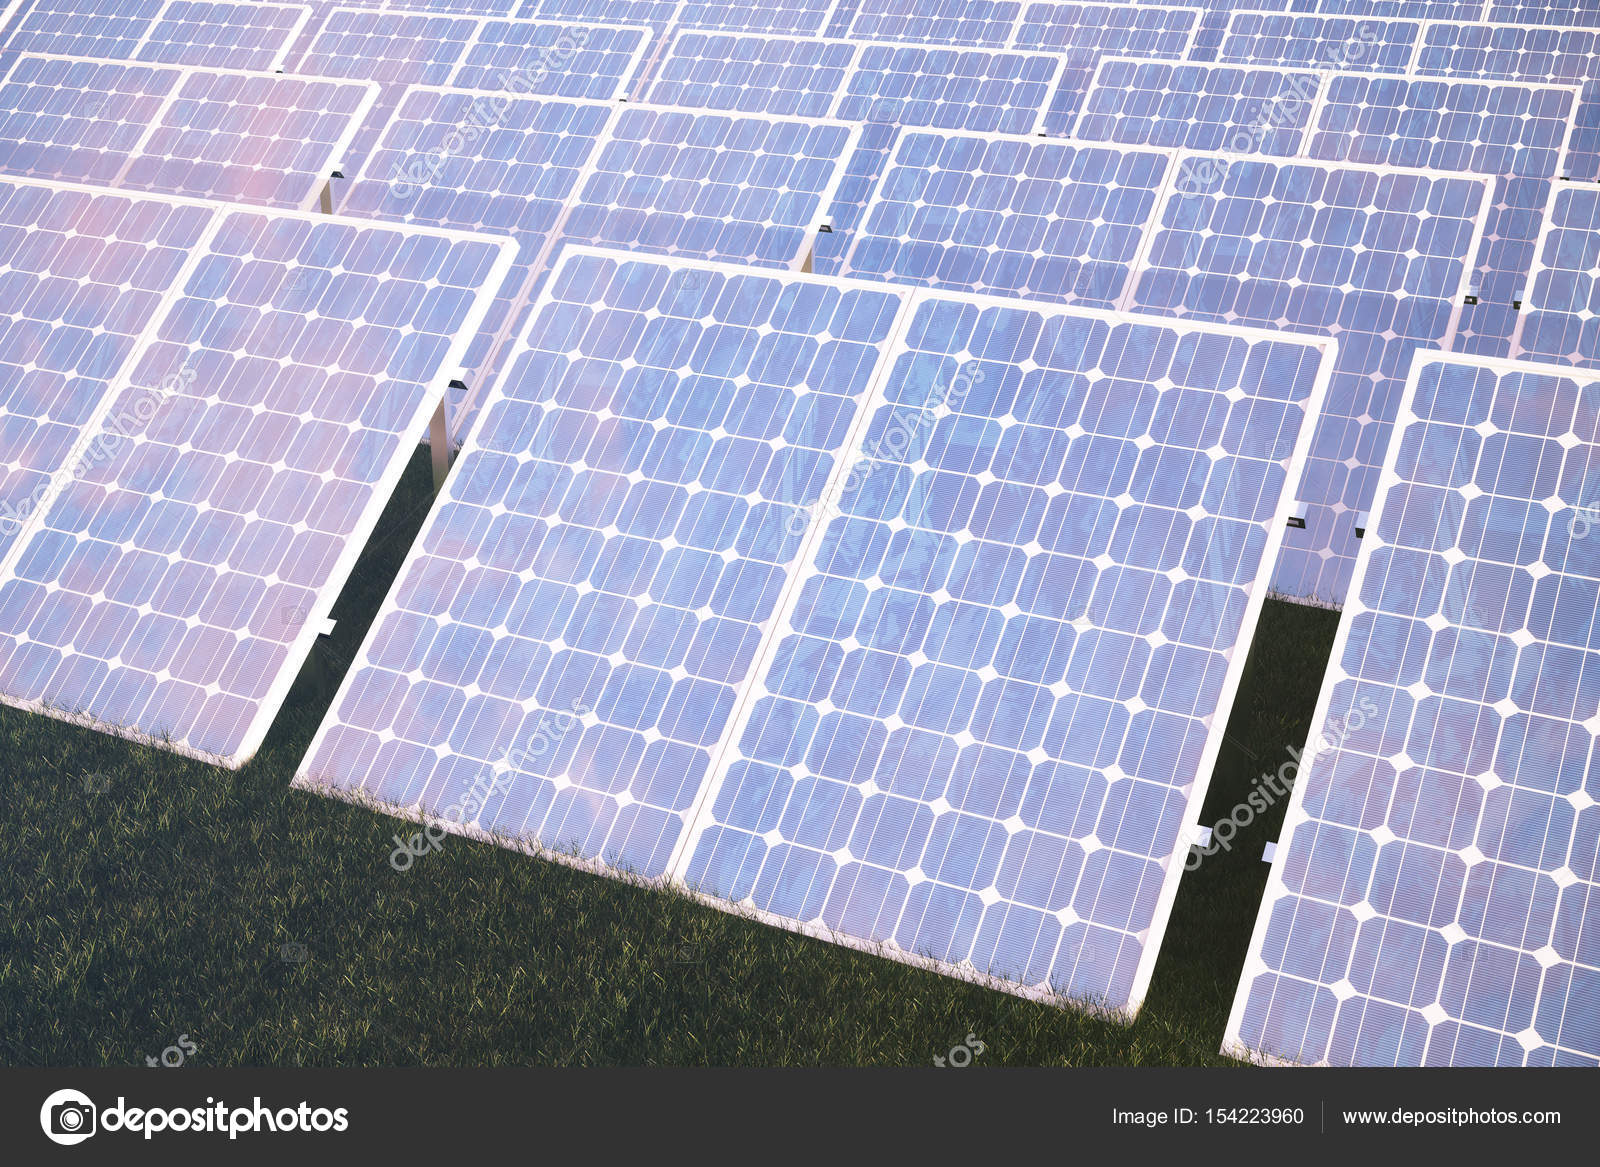 3 D イラスト太陽エネルギー コンセプト太陽光発電パネルに夕焼け空の